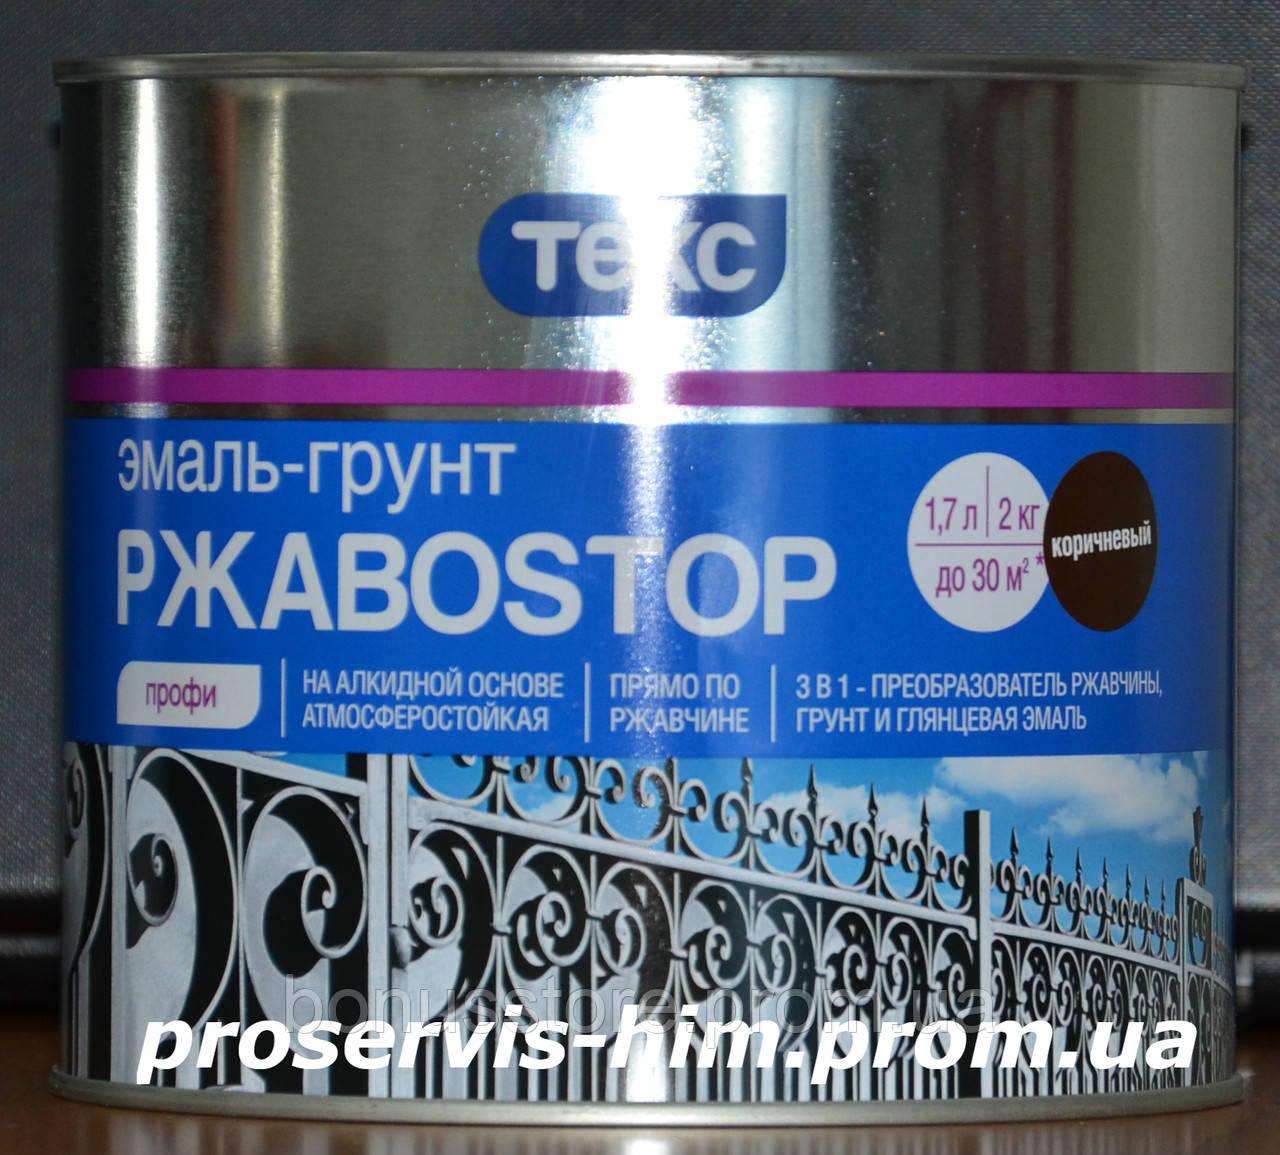 Текс РЖАВОСТОП  (эмаль 3 в 1) 2,0кг - ПРОФ-ХИМ express в Виннице